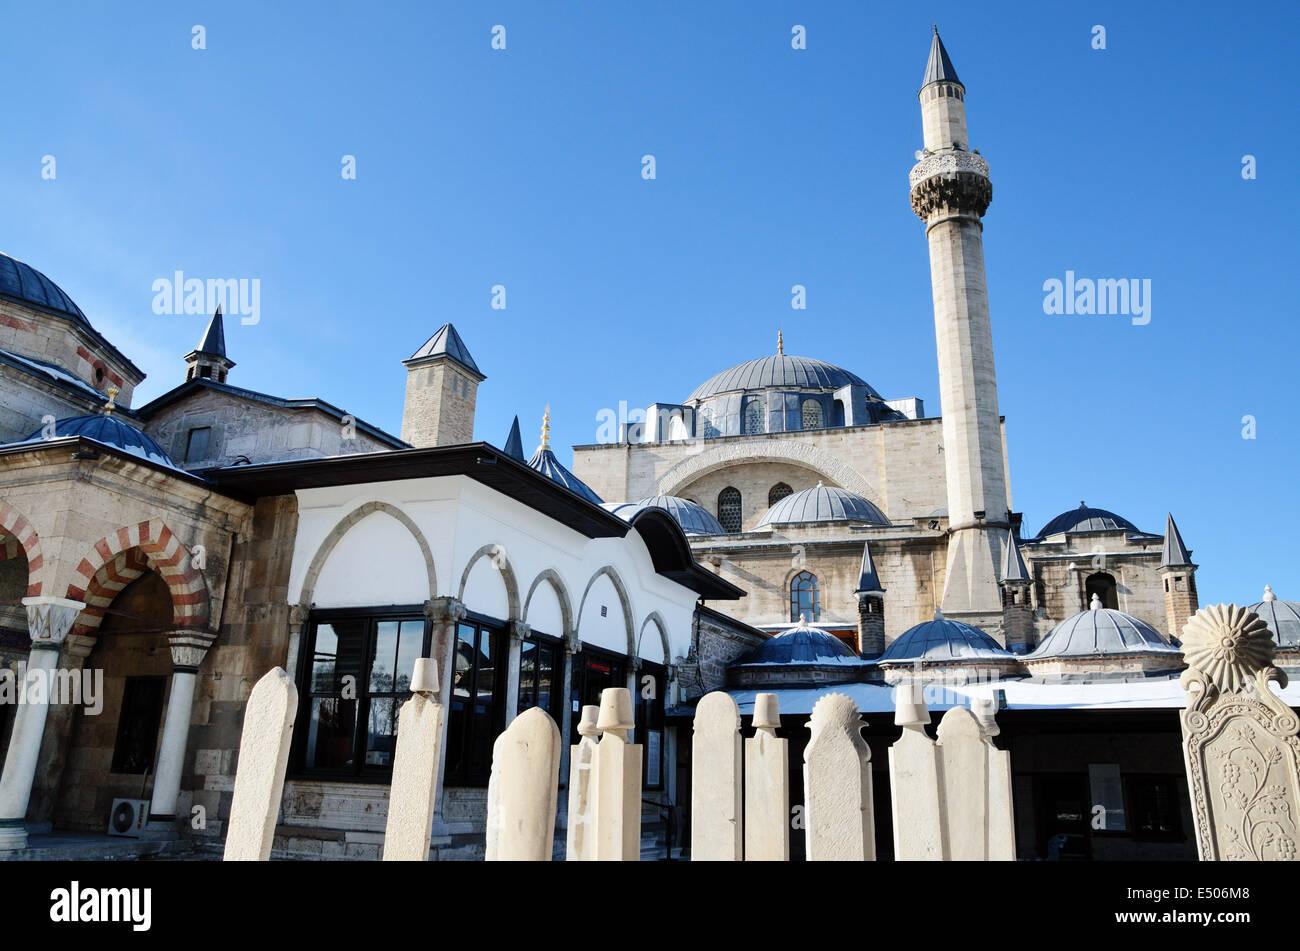 Cour de musée de Mevlana Celaleddin Rumi avec mosquée Mevlana en arrière-plan. Musée Mevlana Jalaluddin Rumi à Konya, Turquie Banque D'Images